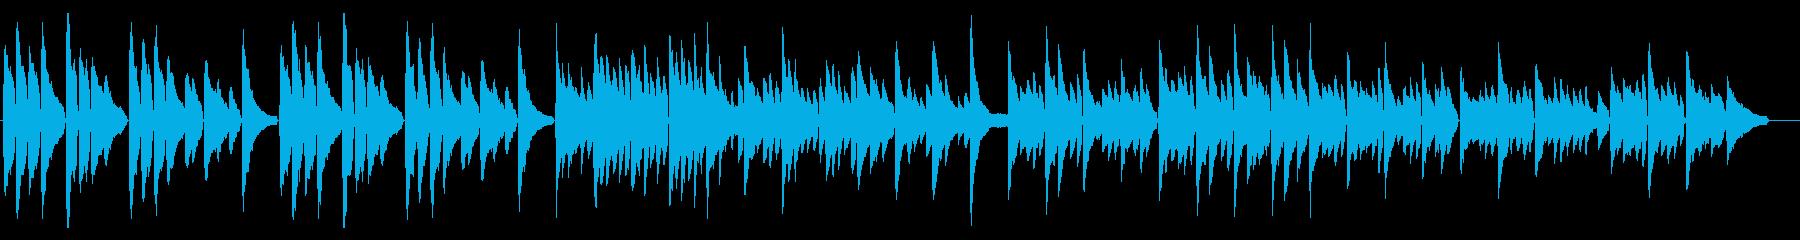 落ち着いた感動系ピアノソロの再生済みの波形